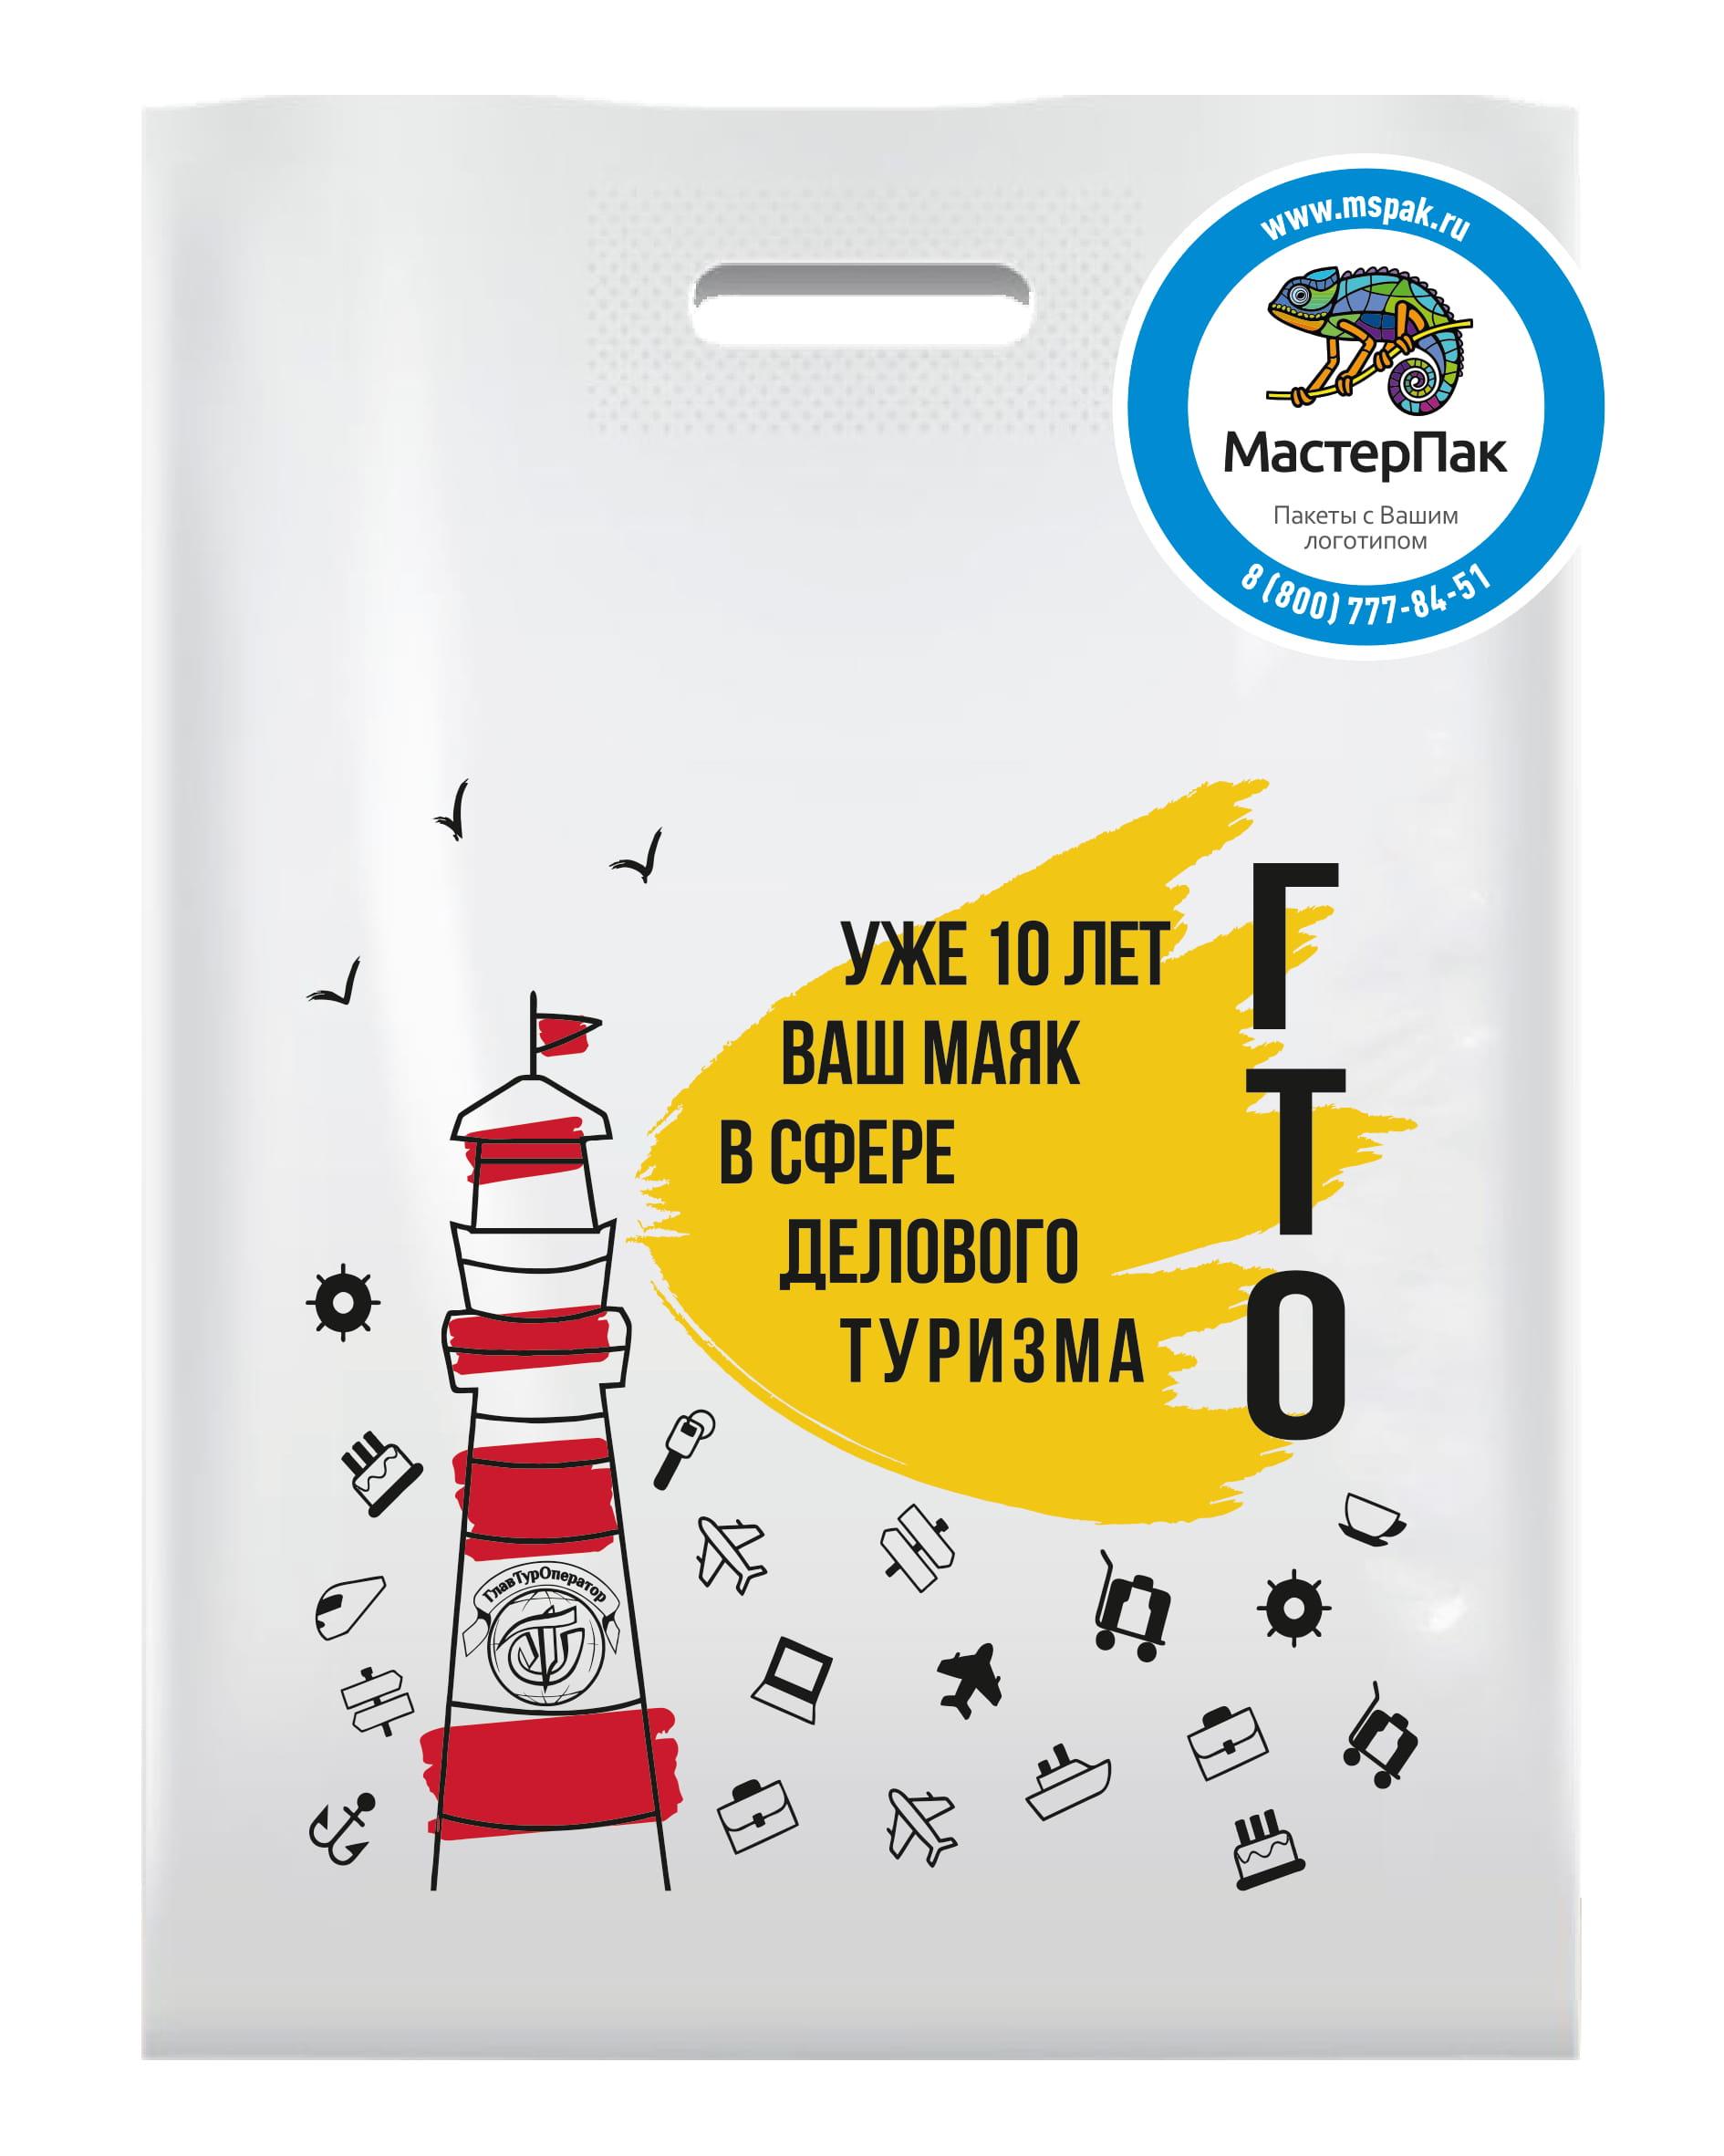 Пакет ПВД с логотипом ГТО, Санкт-Петербург, 70 мкм, 30*40, белый